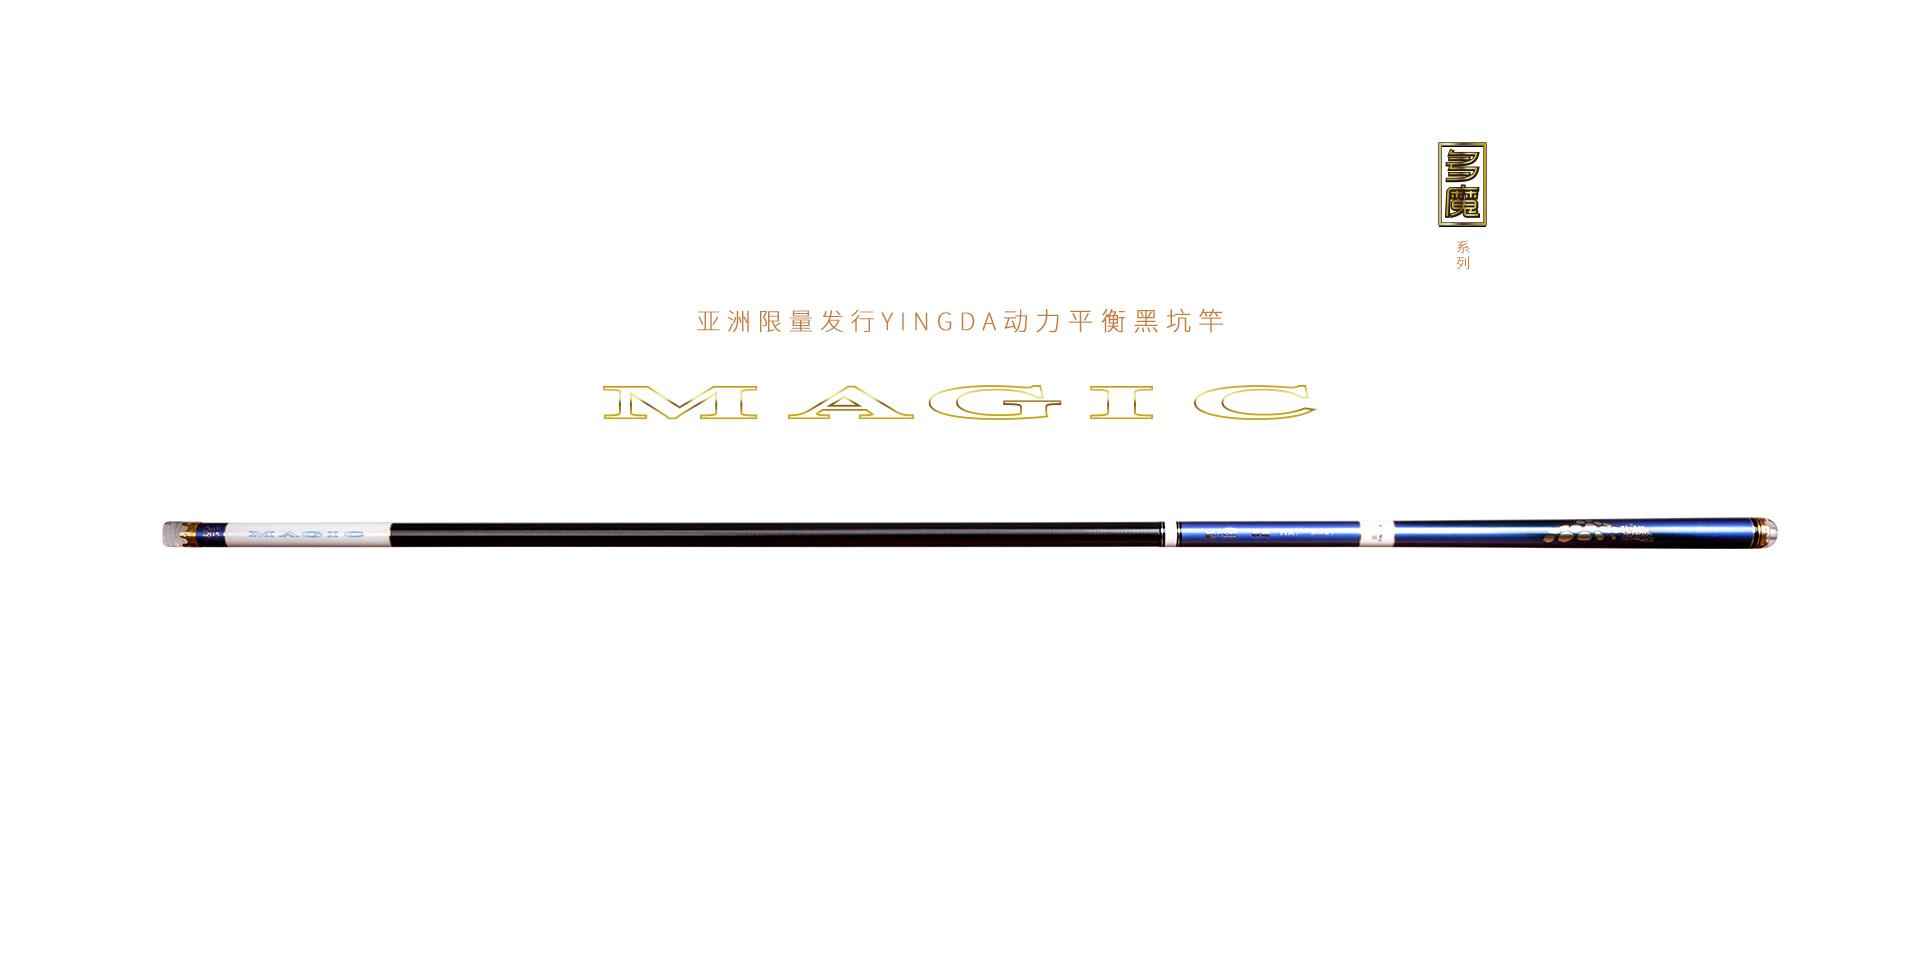 英大钓具亚洲限量发行YINGDA・MAGIC・动力平衡黑坑系列新品――多魔・HK7,品质型动力平衡黑坑竿。